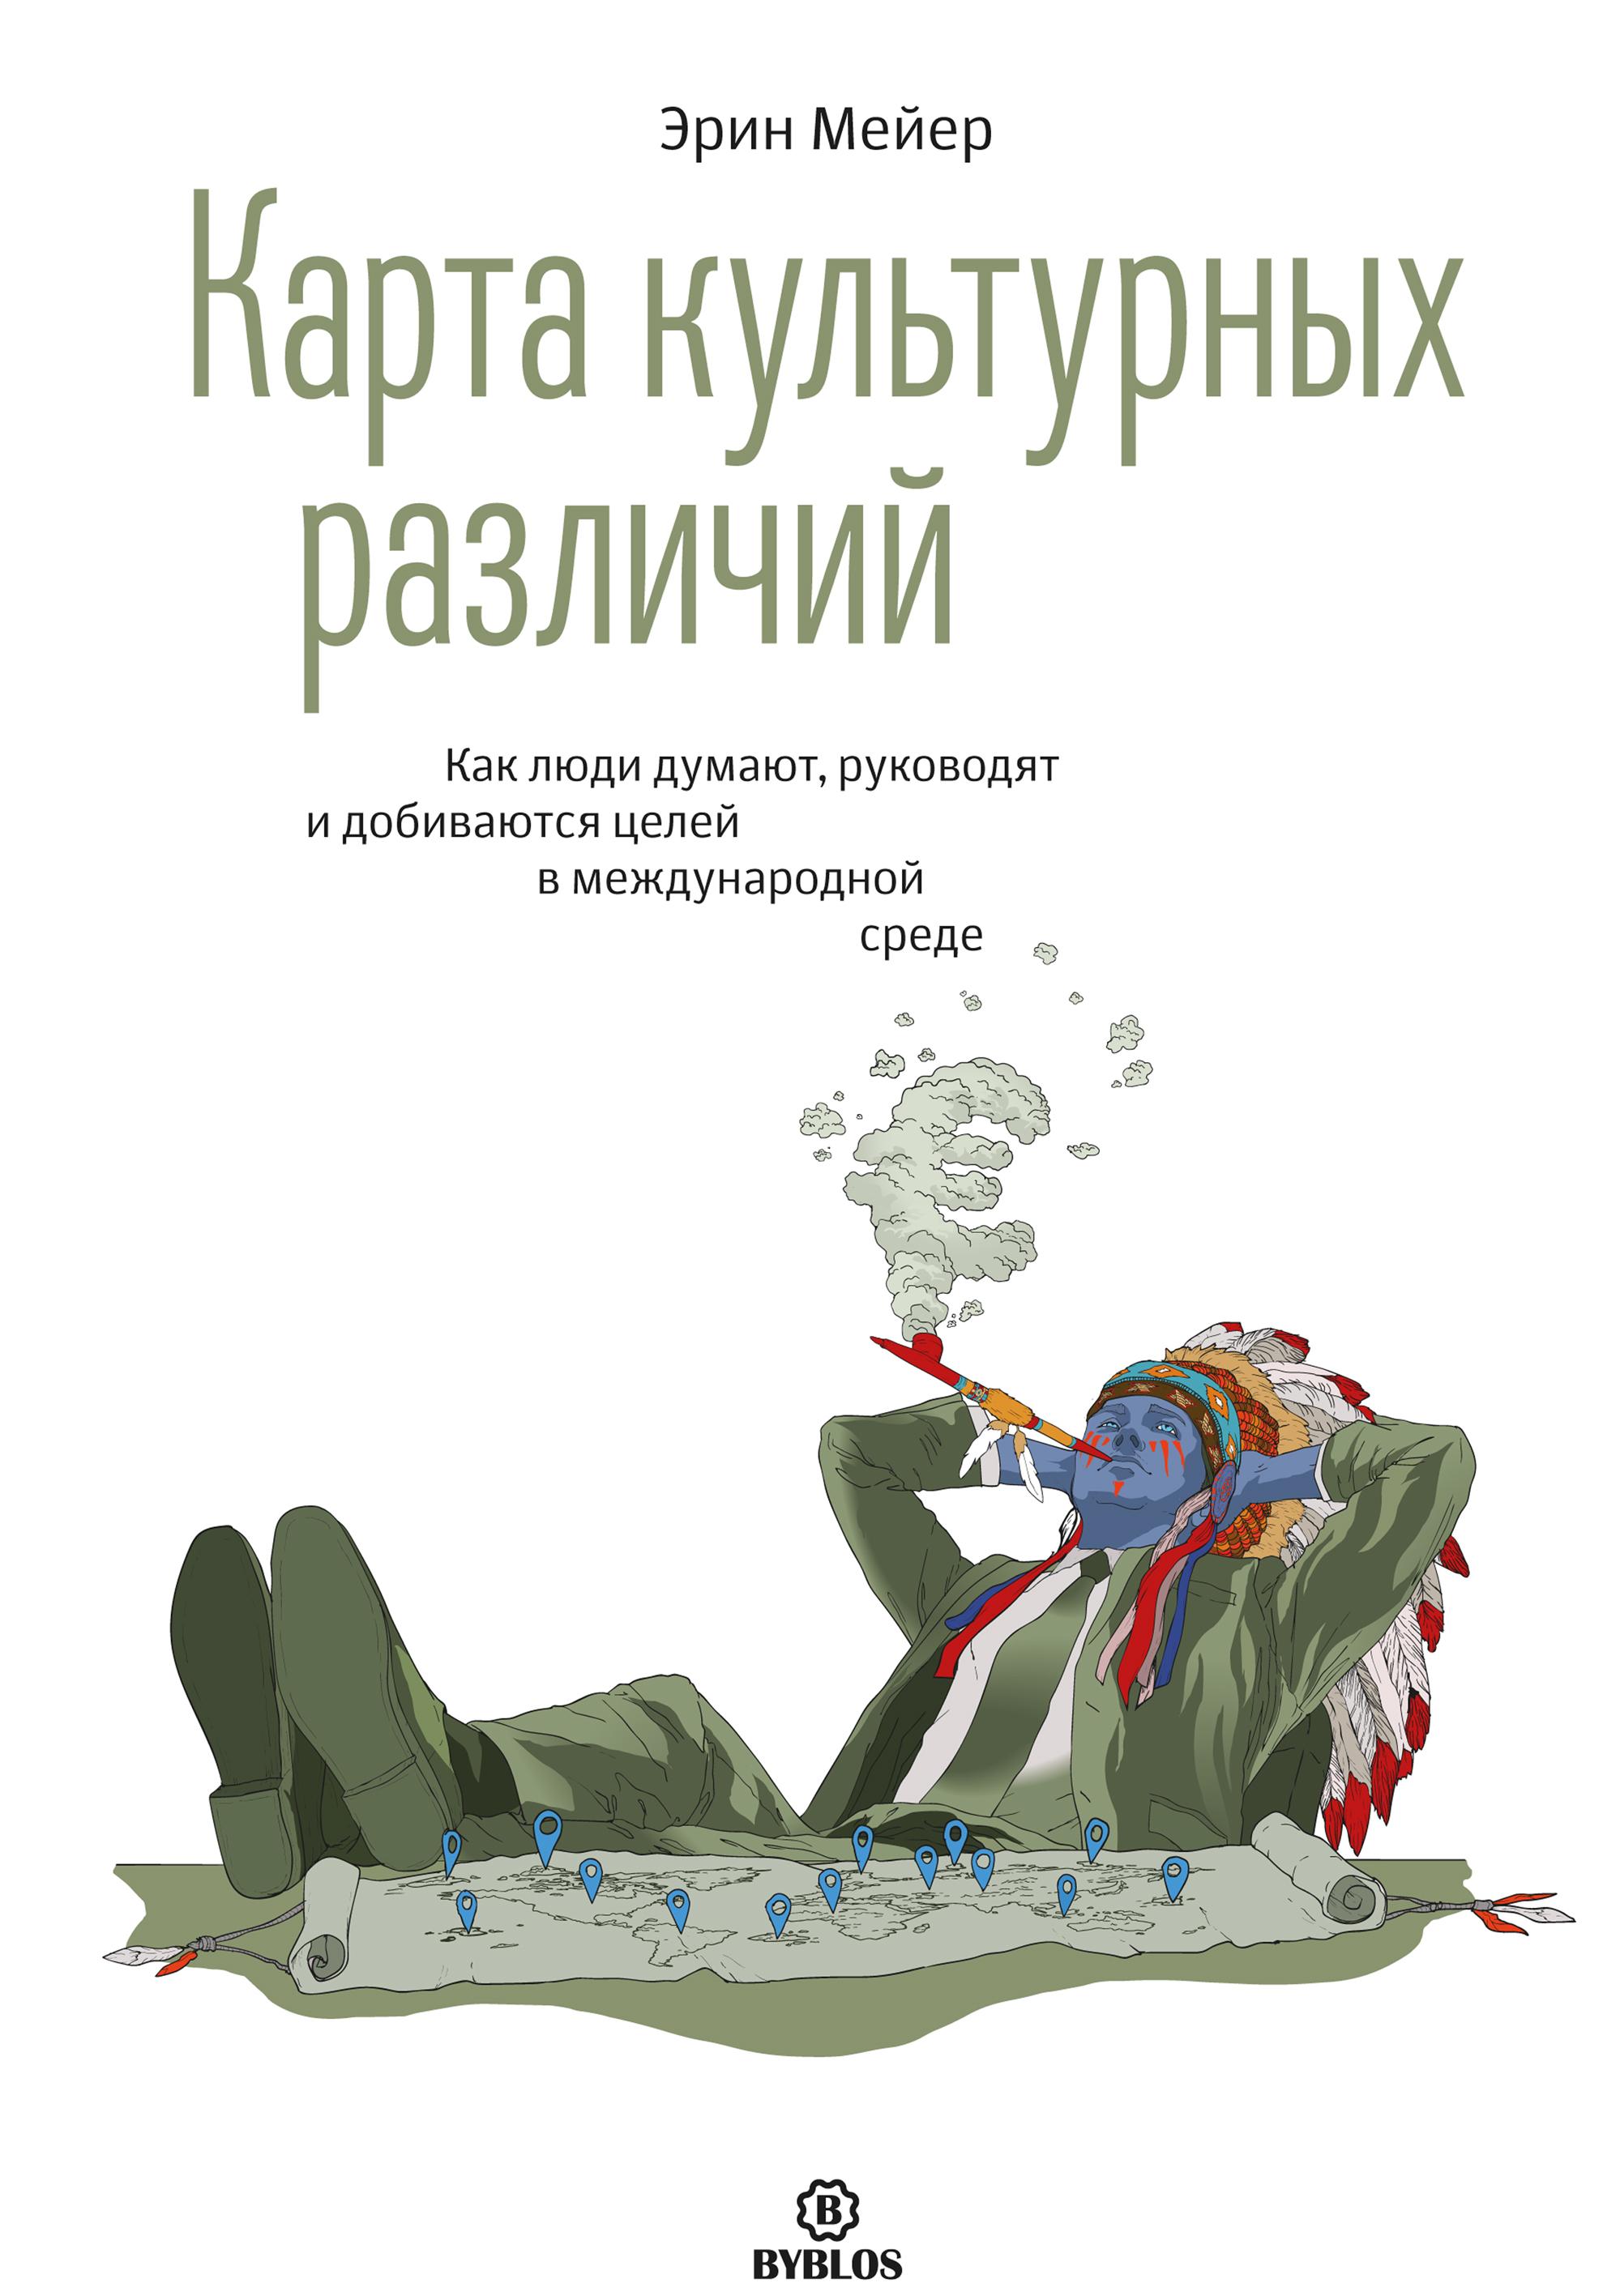 Обложка книги. Автор - Эрин Мейер